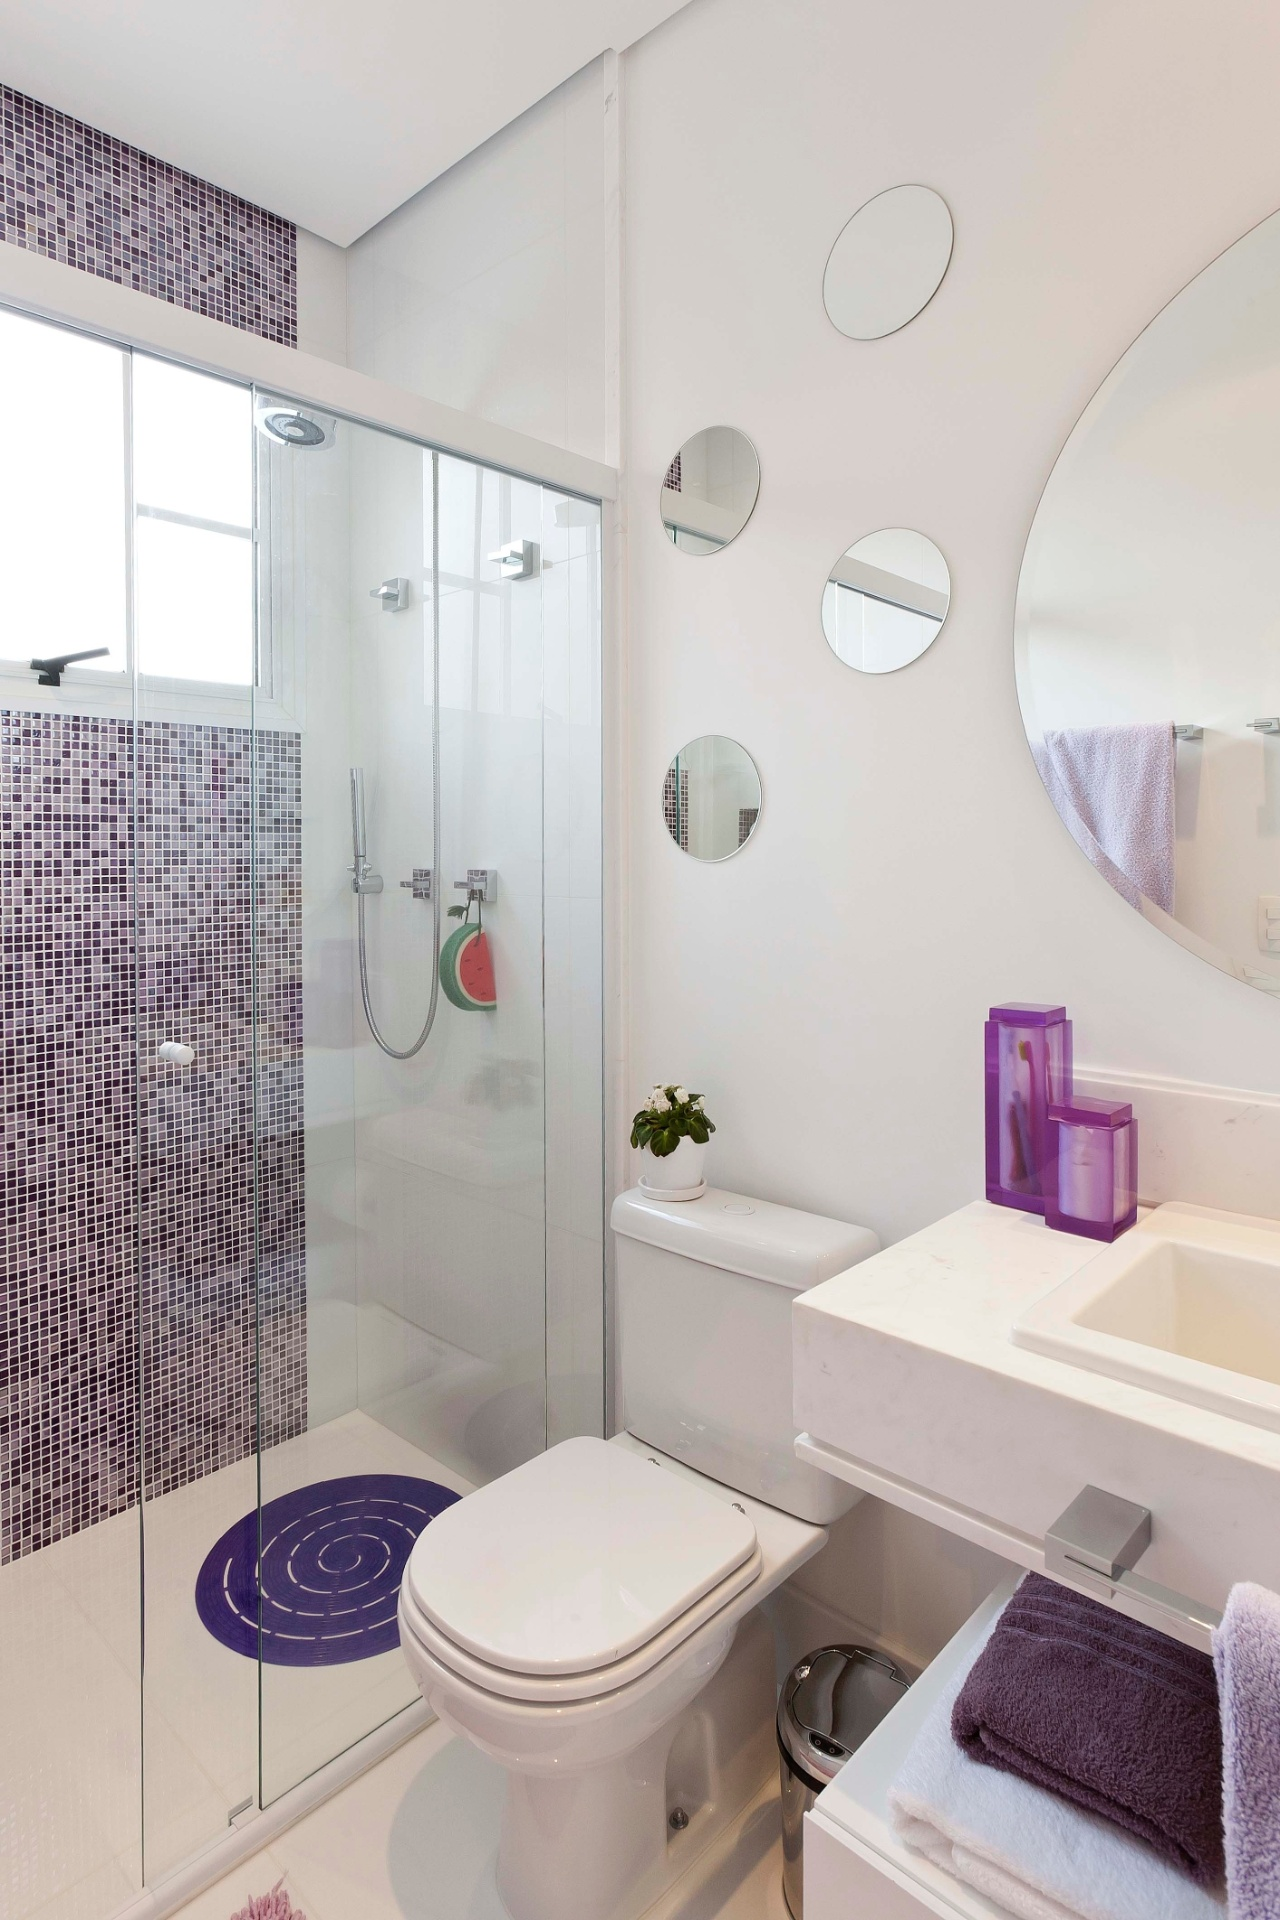 Banheiros pequenos dicas de decoração para quem tem pouco espaço  BOL Fotos -> Banheiro Pequeno Quanto Custa